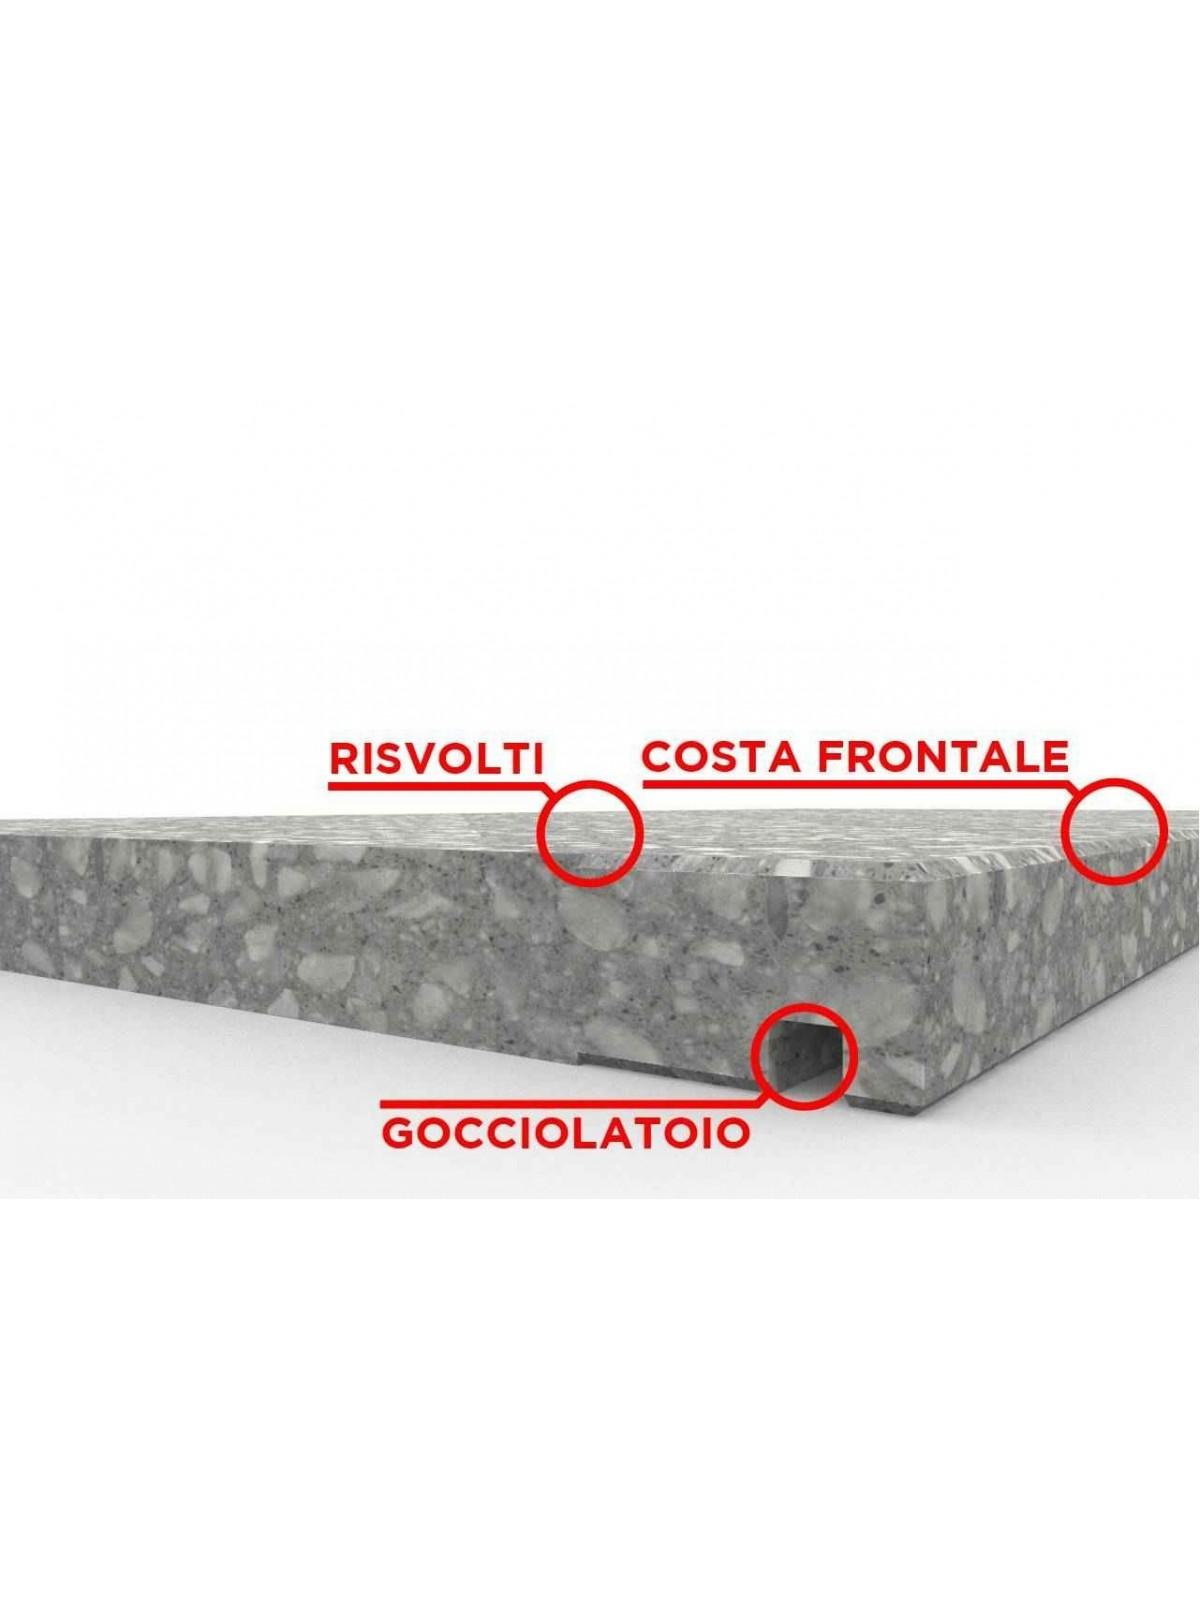 Abdeckungen auf Terrasse SB 240 Torcello